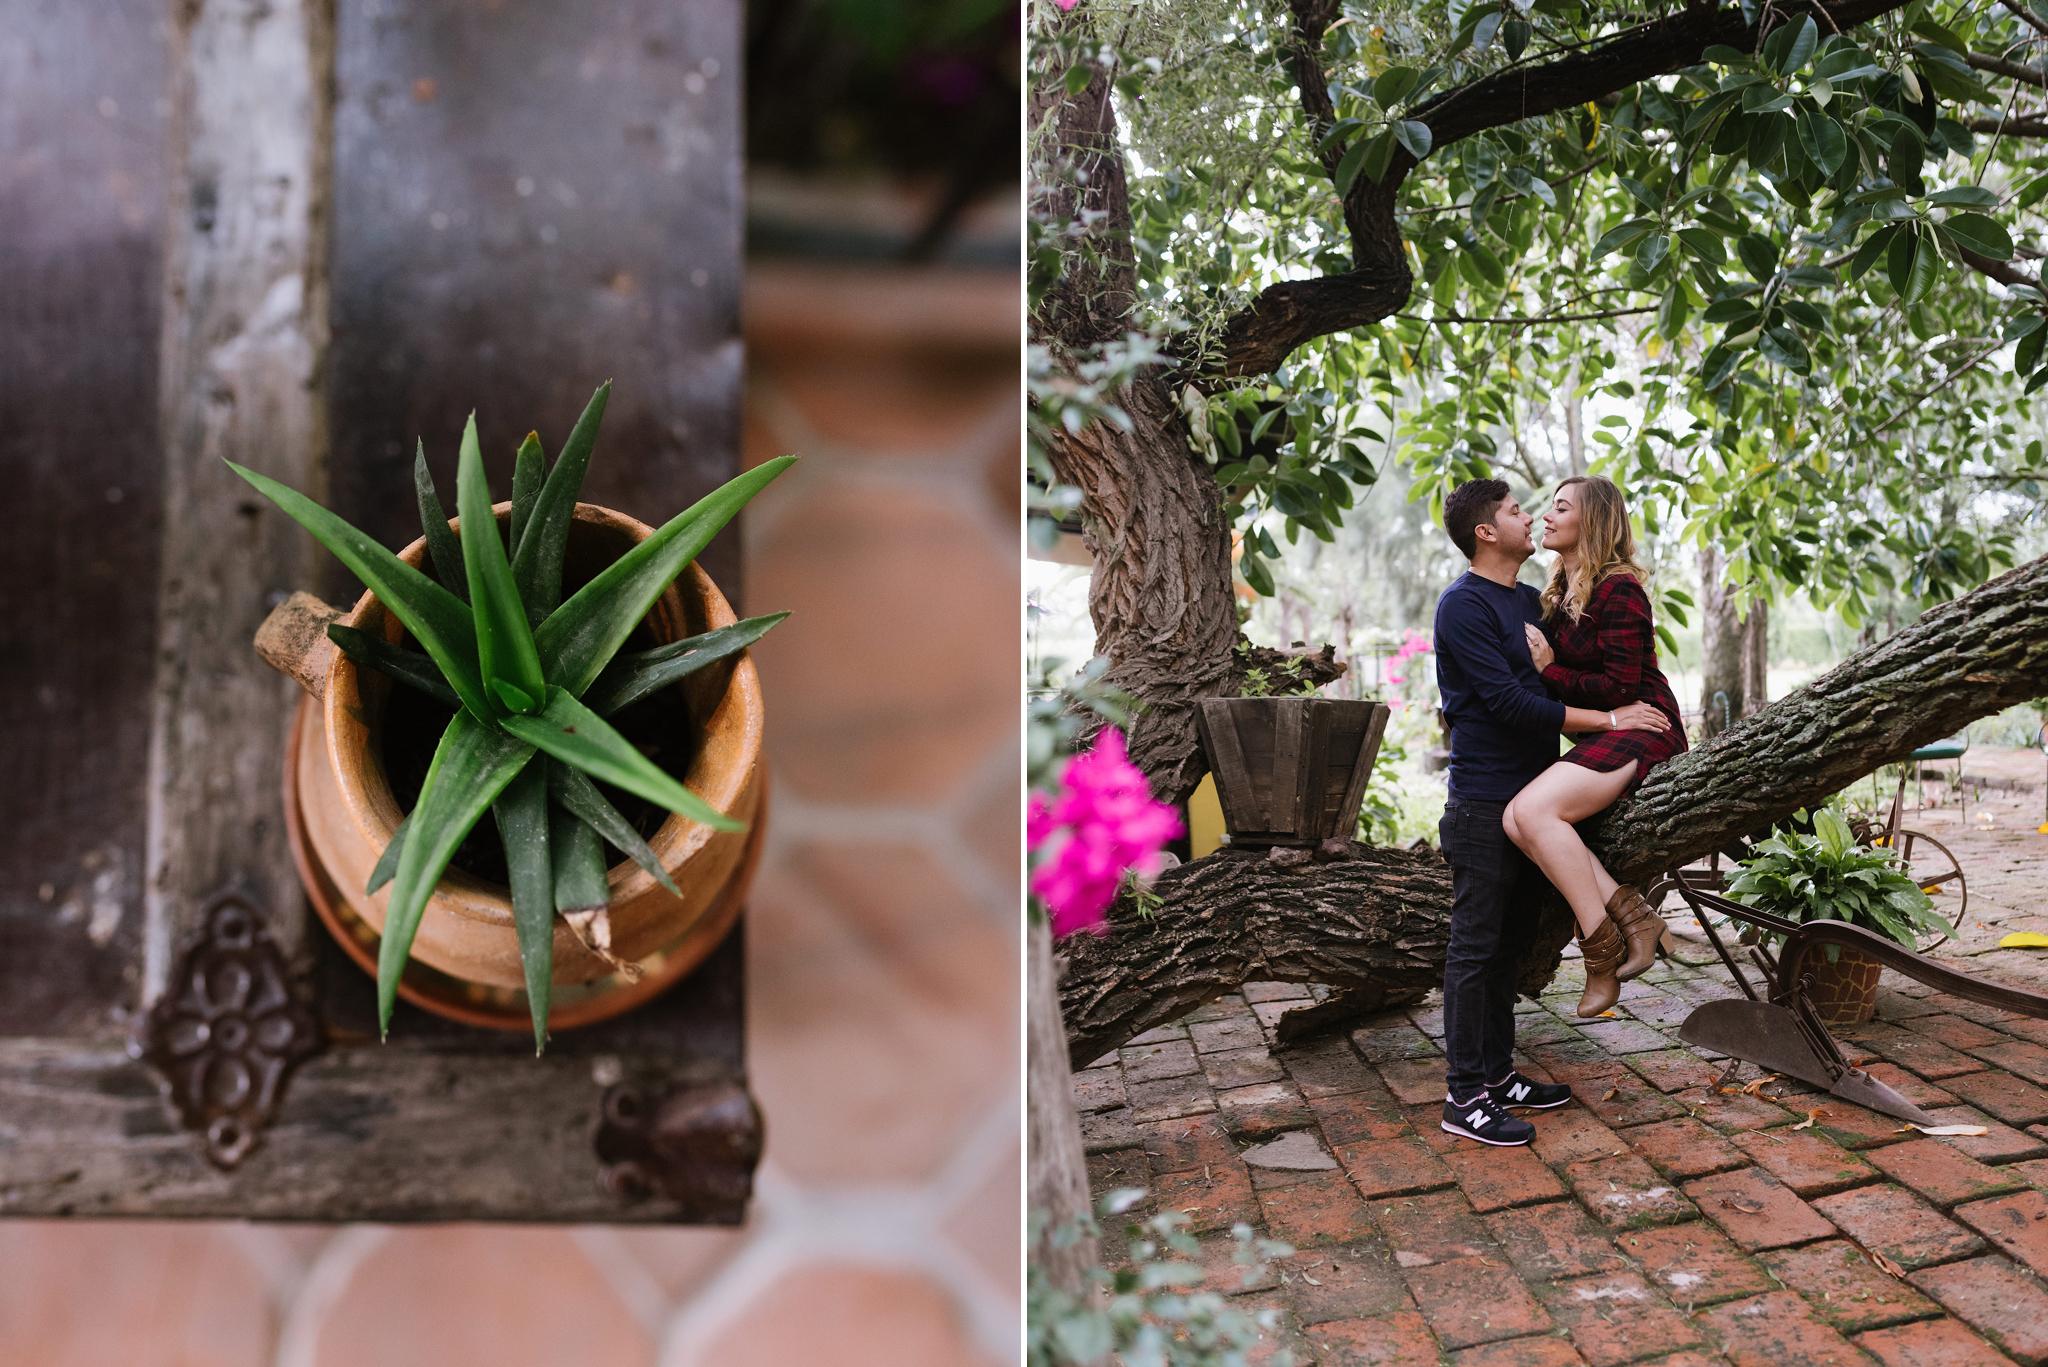 Plantillas_Blog_Vero&Fer_11.jpg